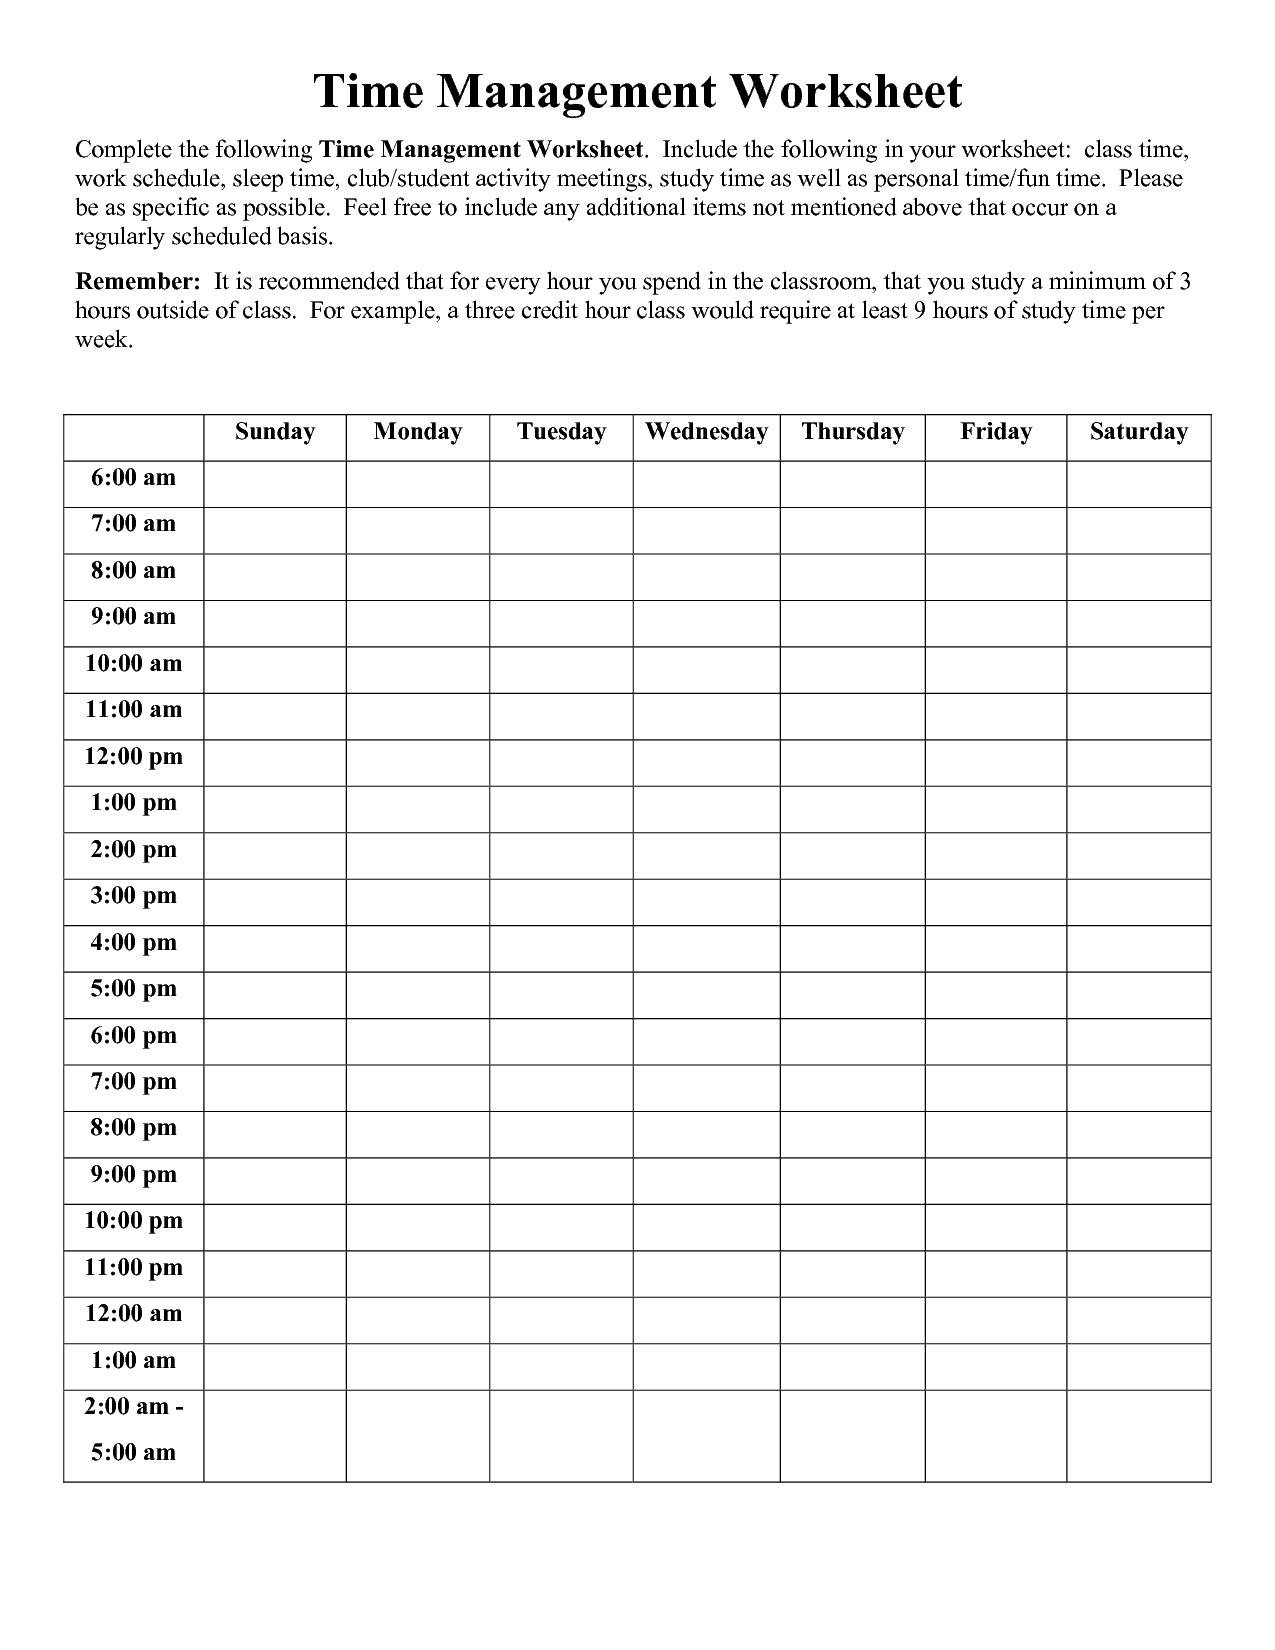 Time Management Worksheet Pdf | Time Management Worksheet